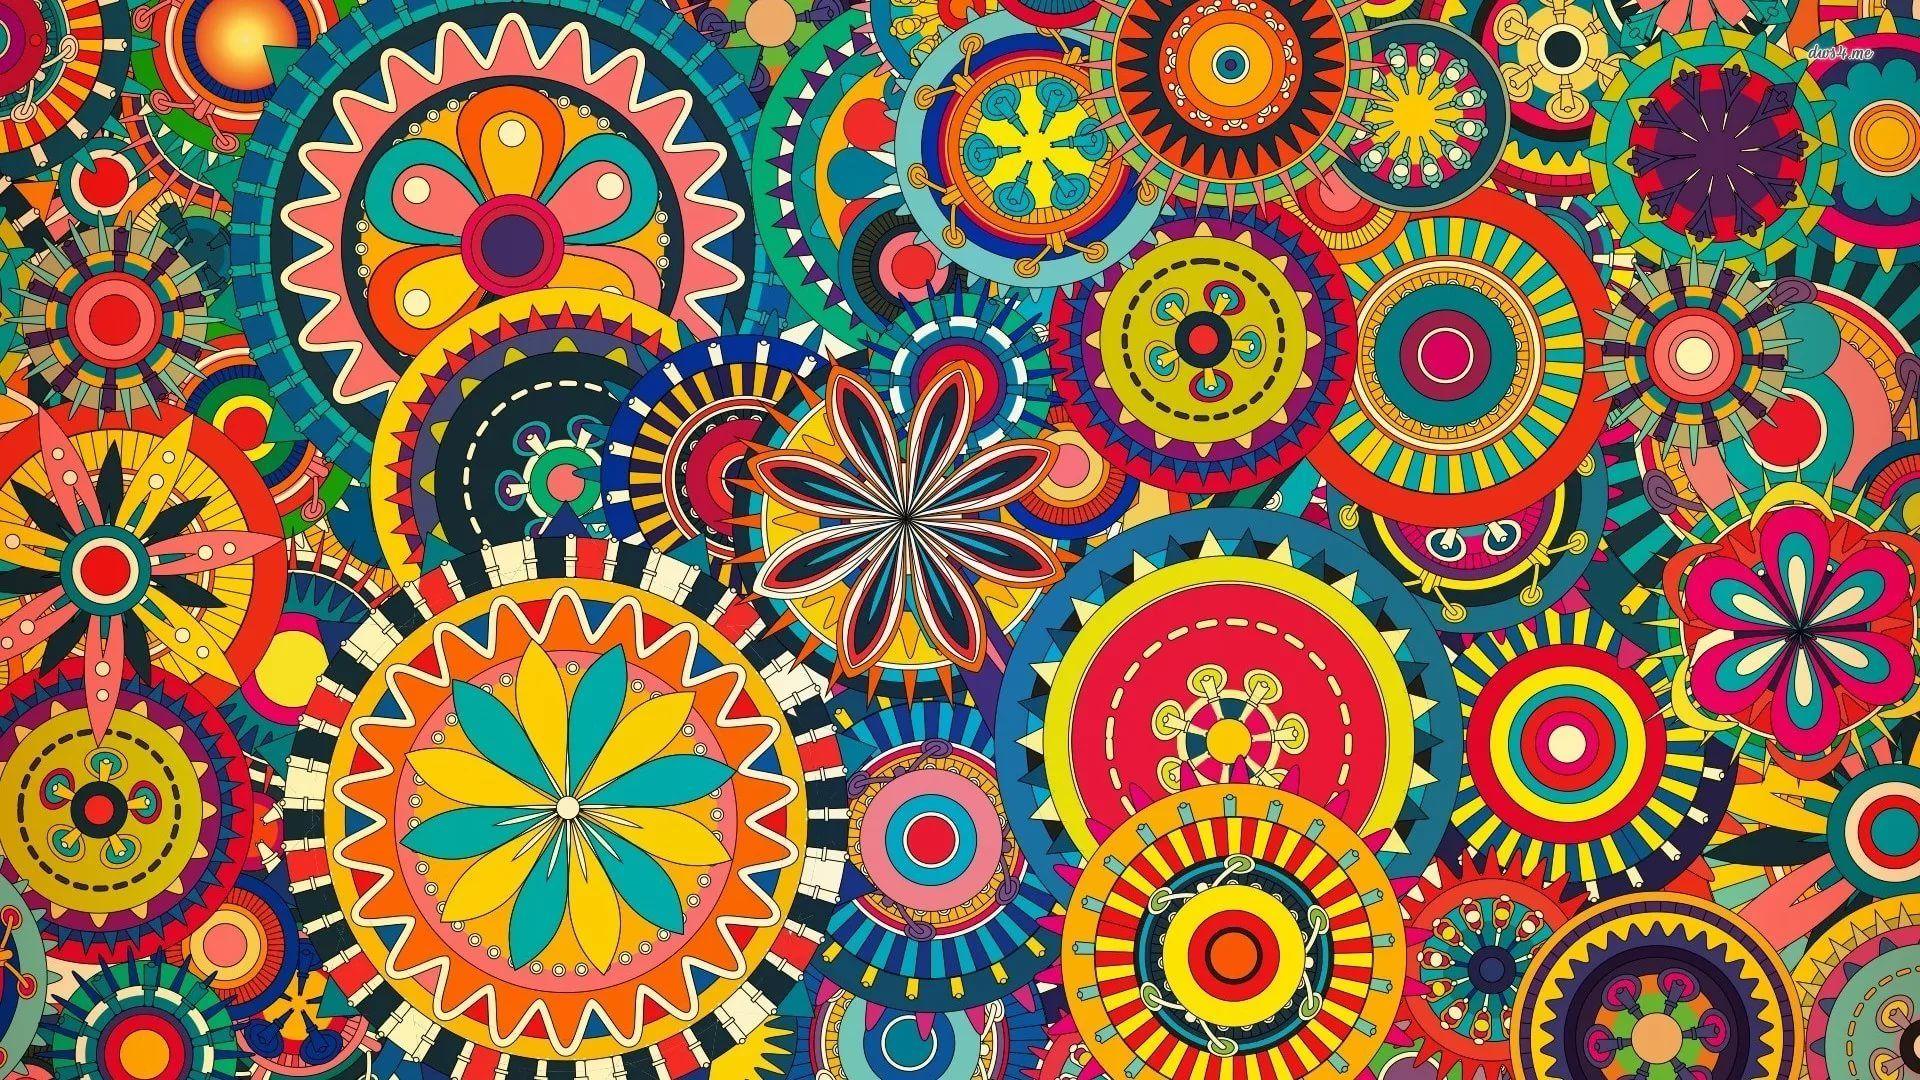 Boho download free wallpaper image search